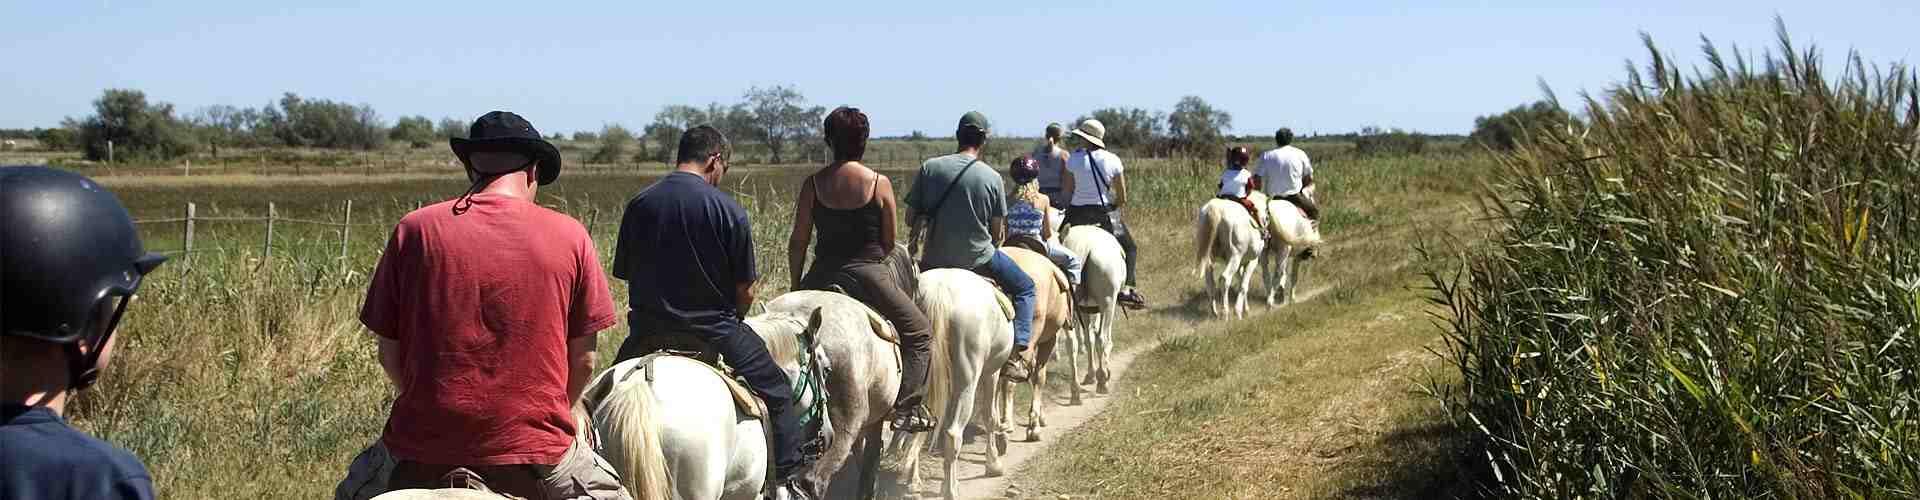 rutas a caballo en centrosdeportes de Gaceta